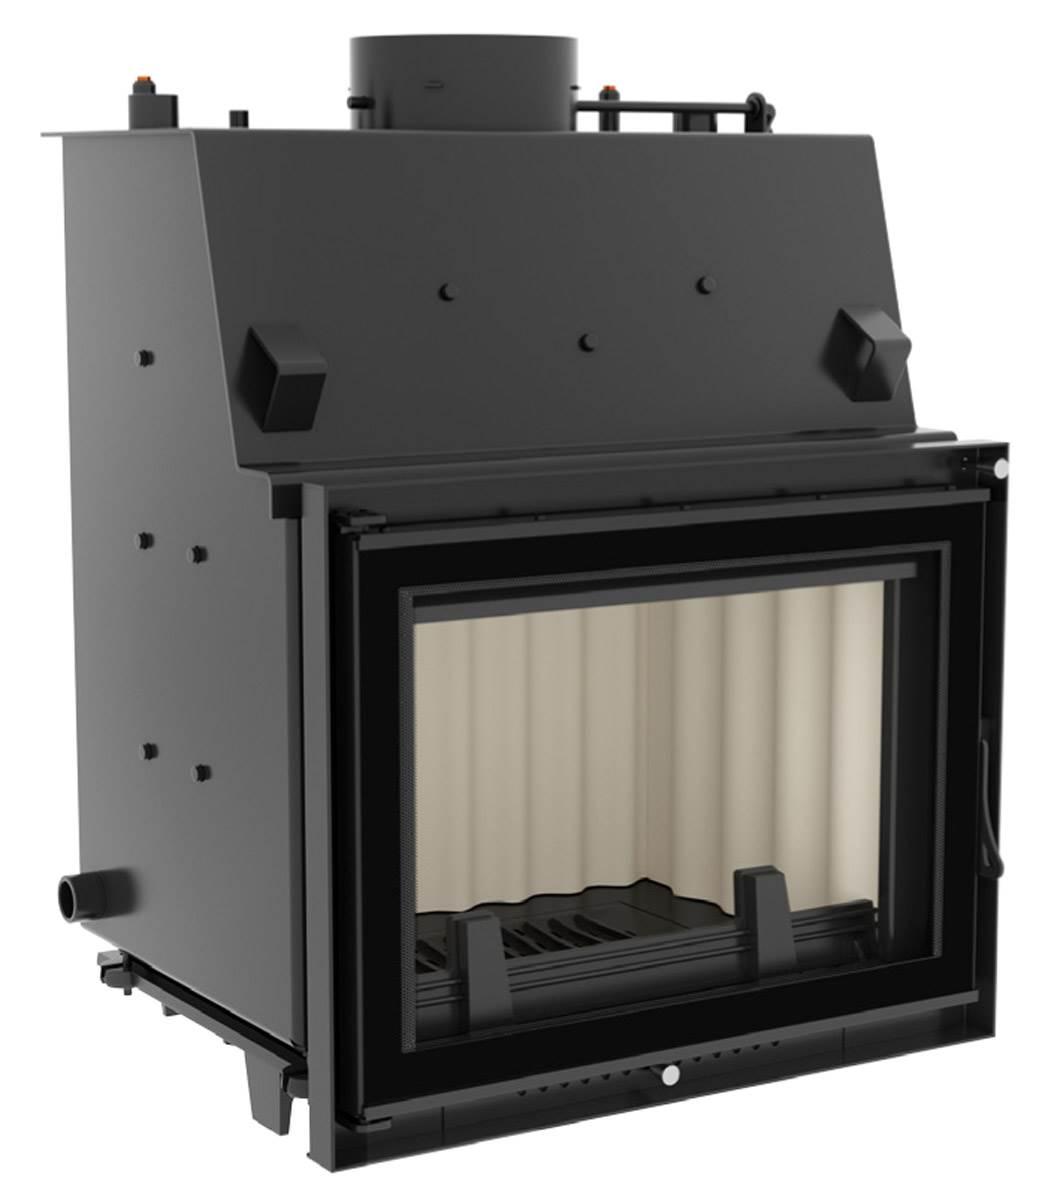 cieplo domowego ogniska i efektywne ogrzewanie - Ciepło domowego ogniska i efektywne ogrzewanie!